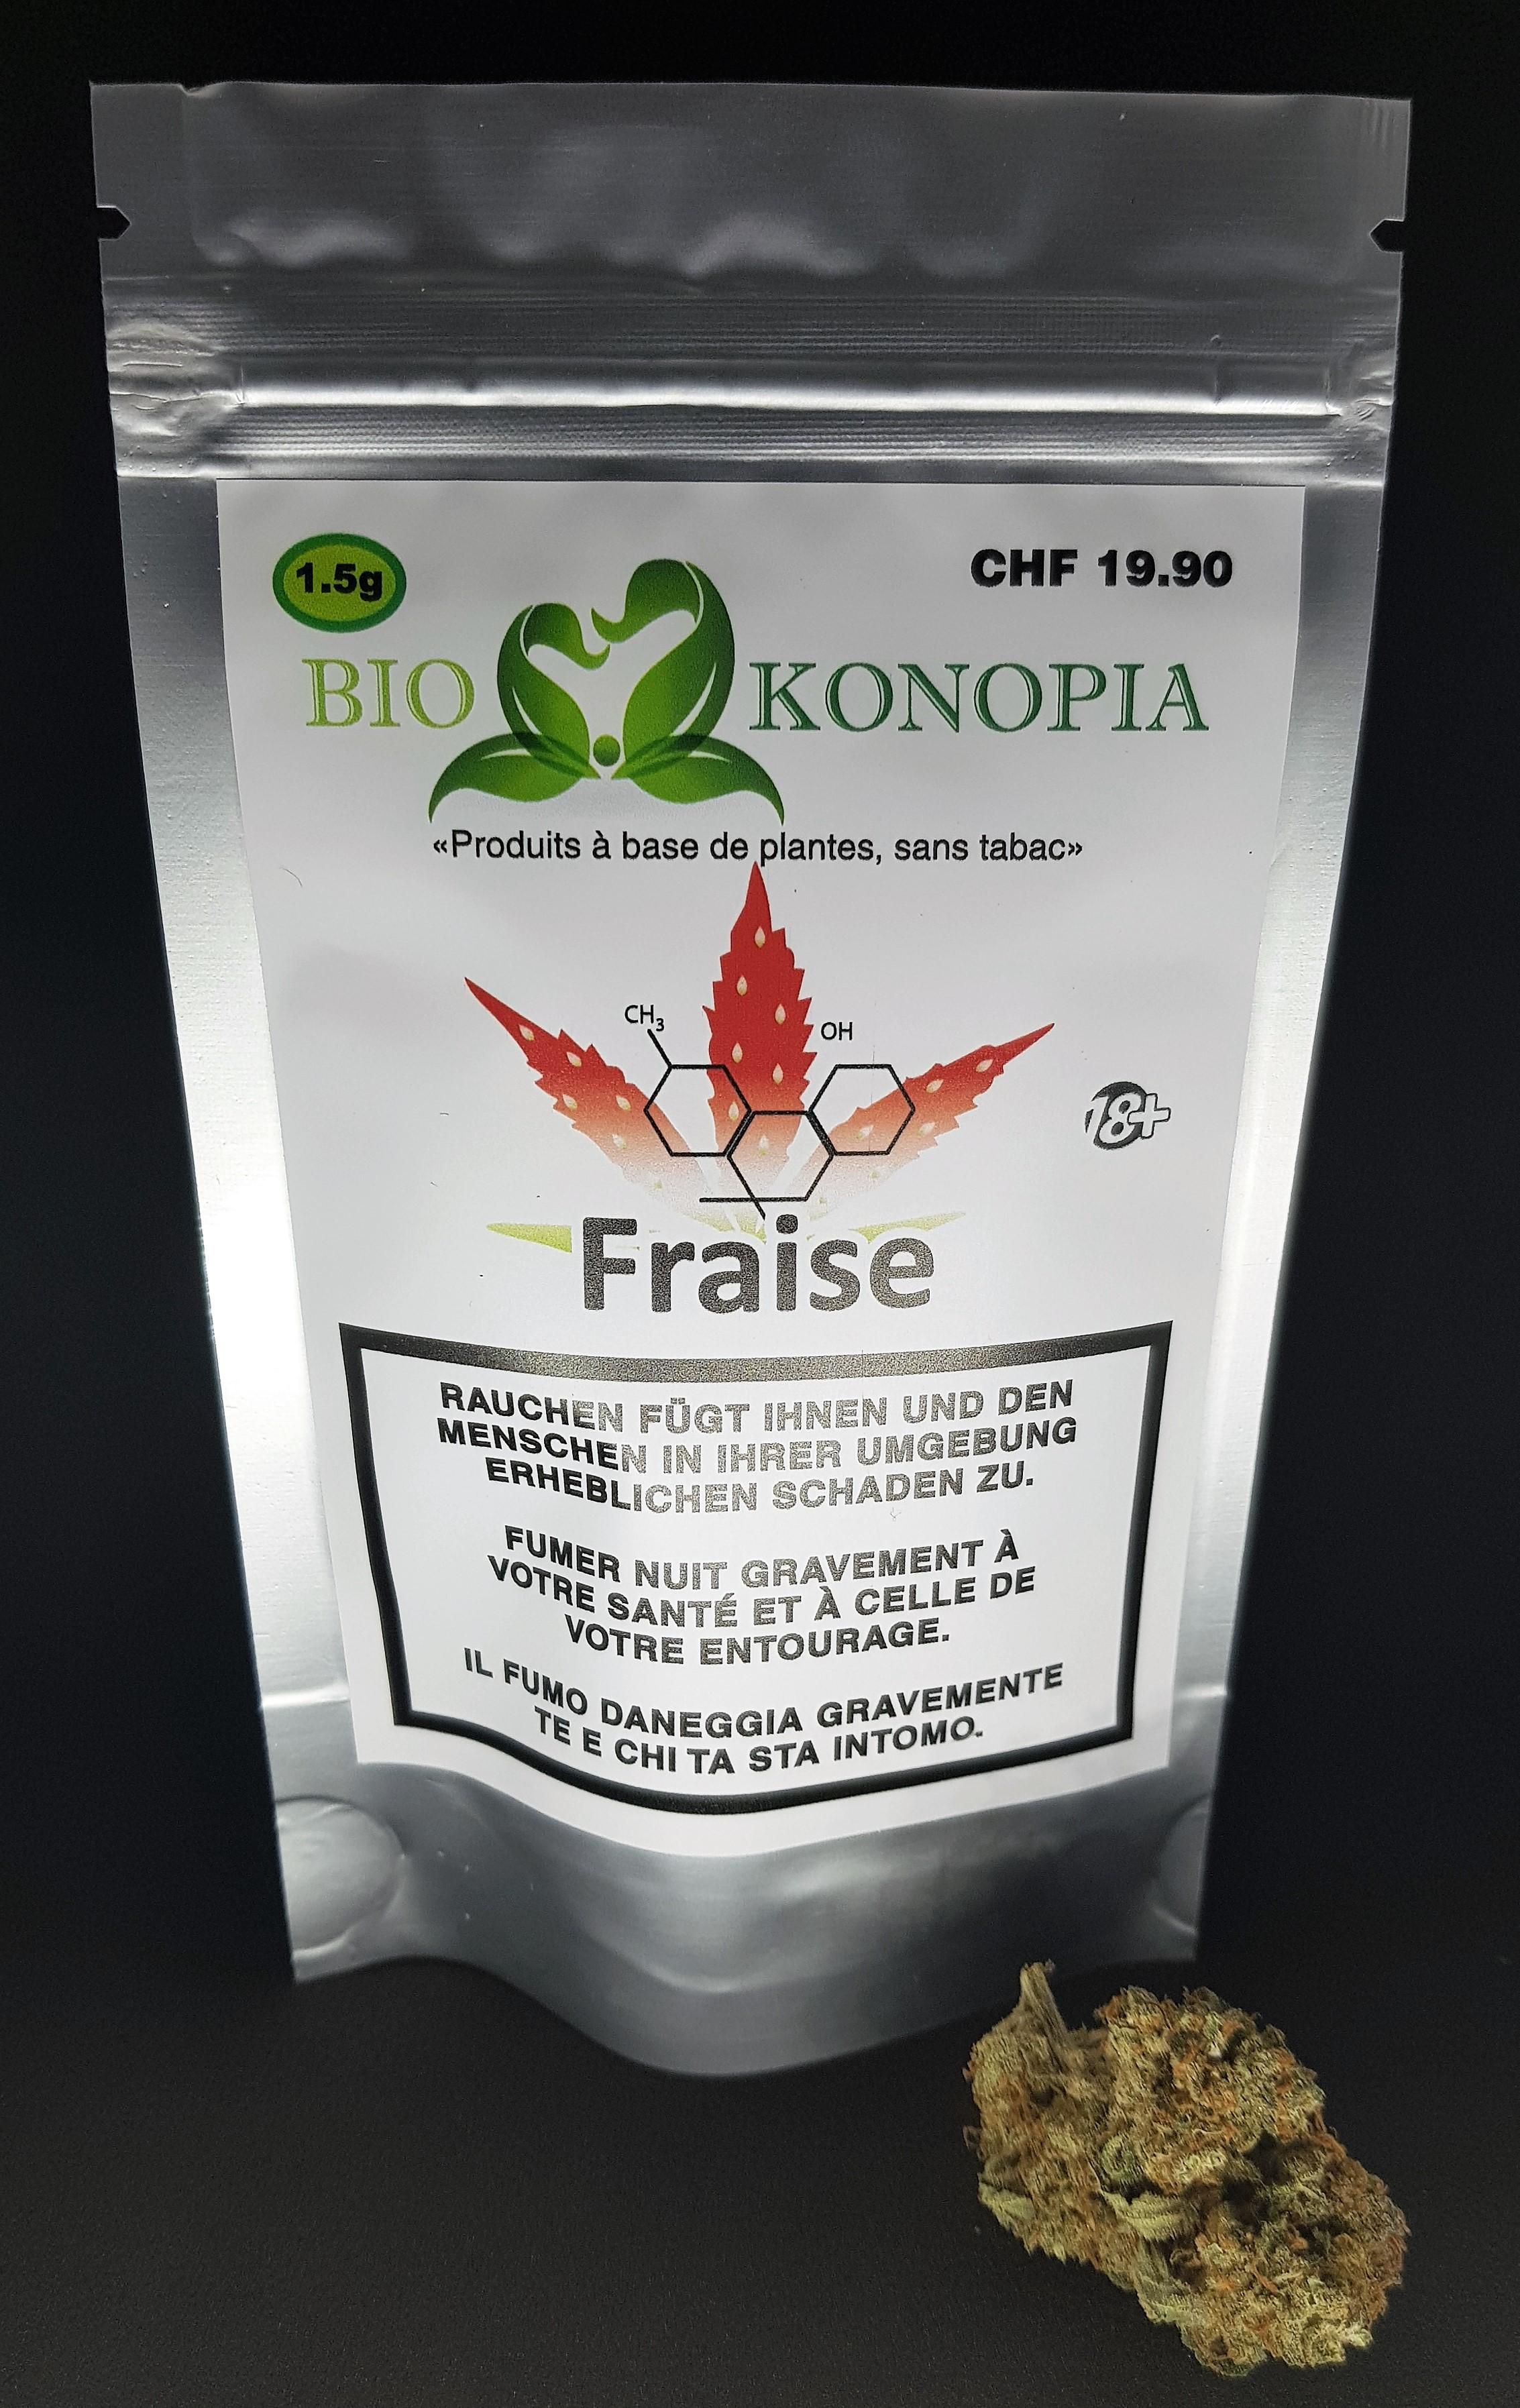 Fraise - Biokonopia